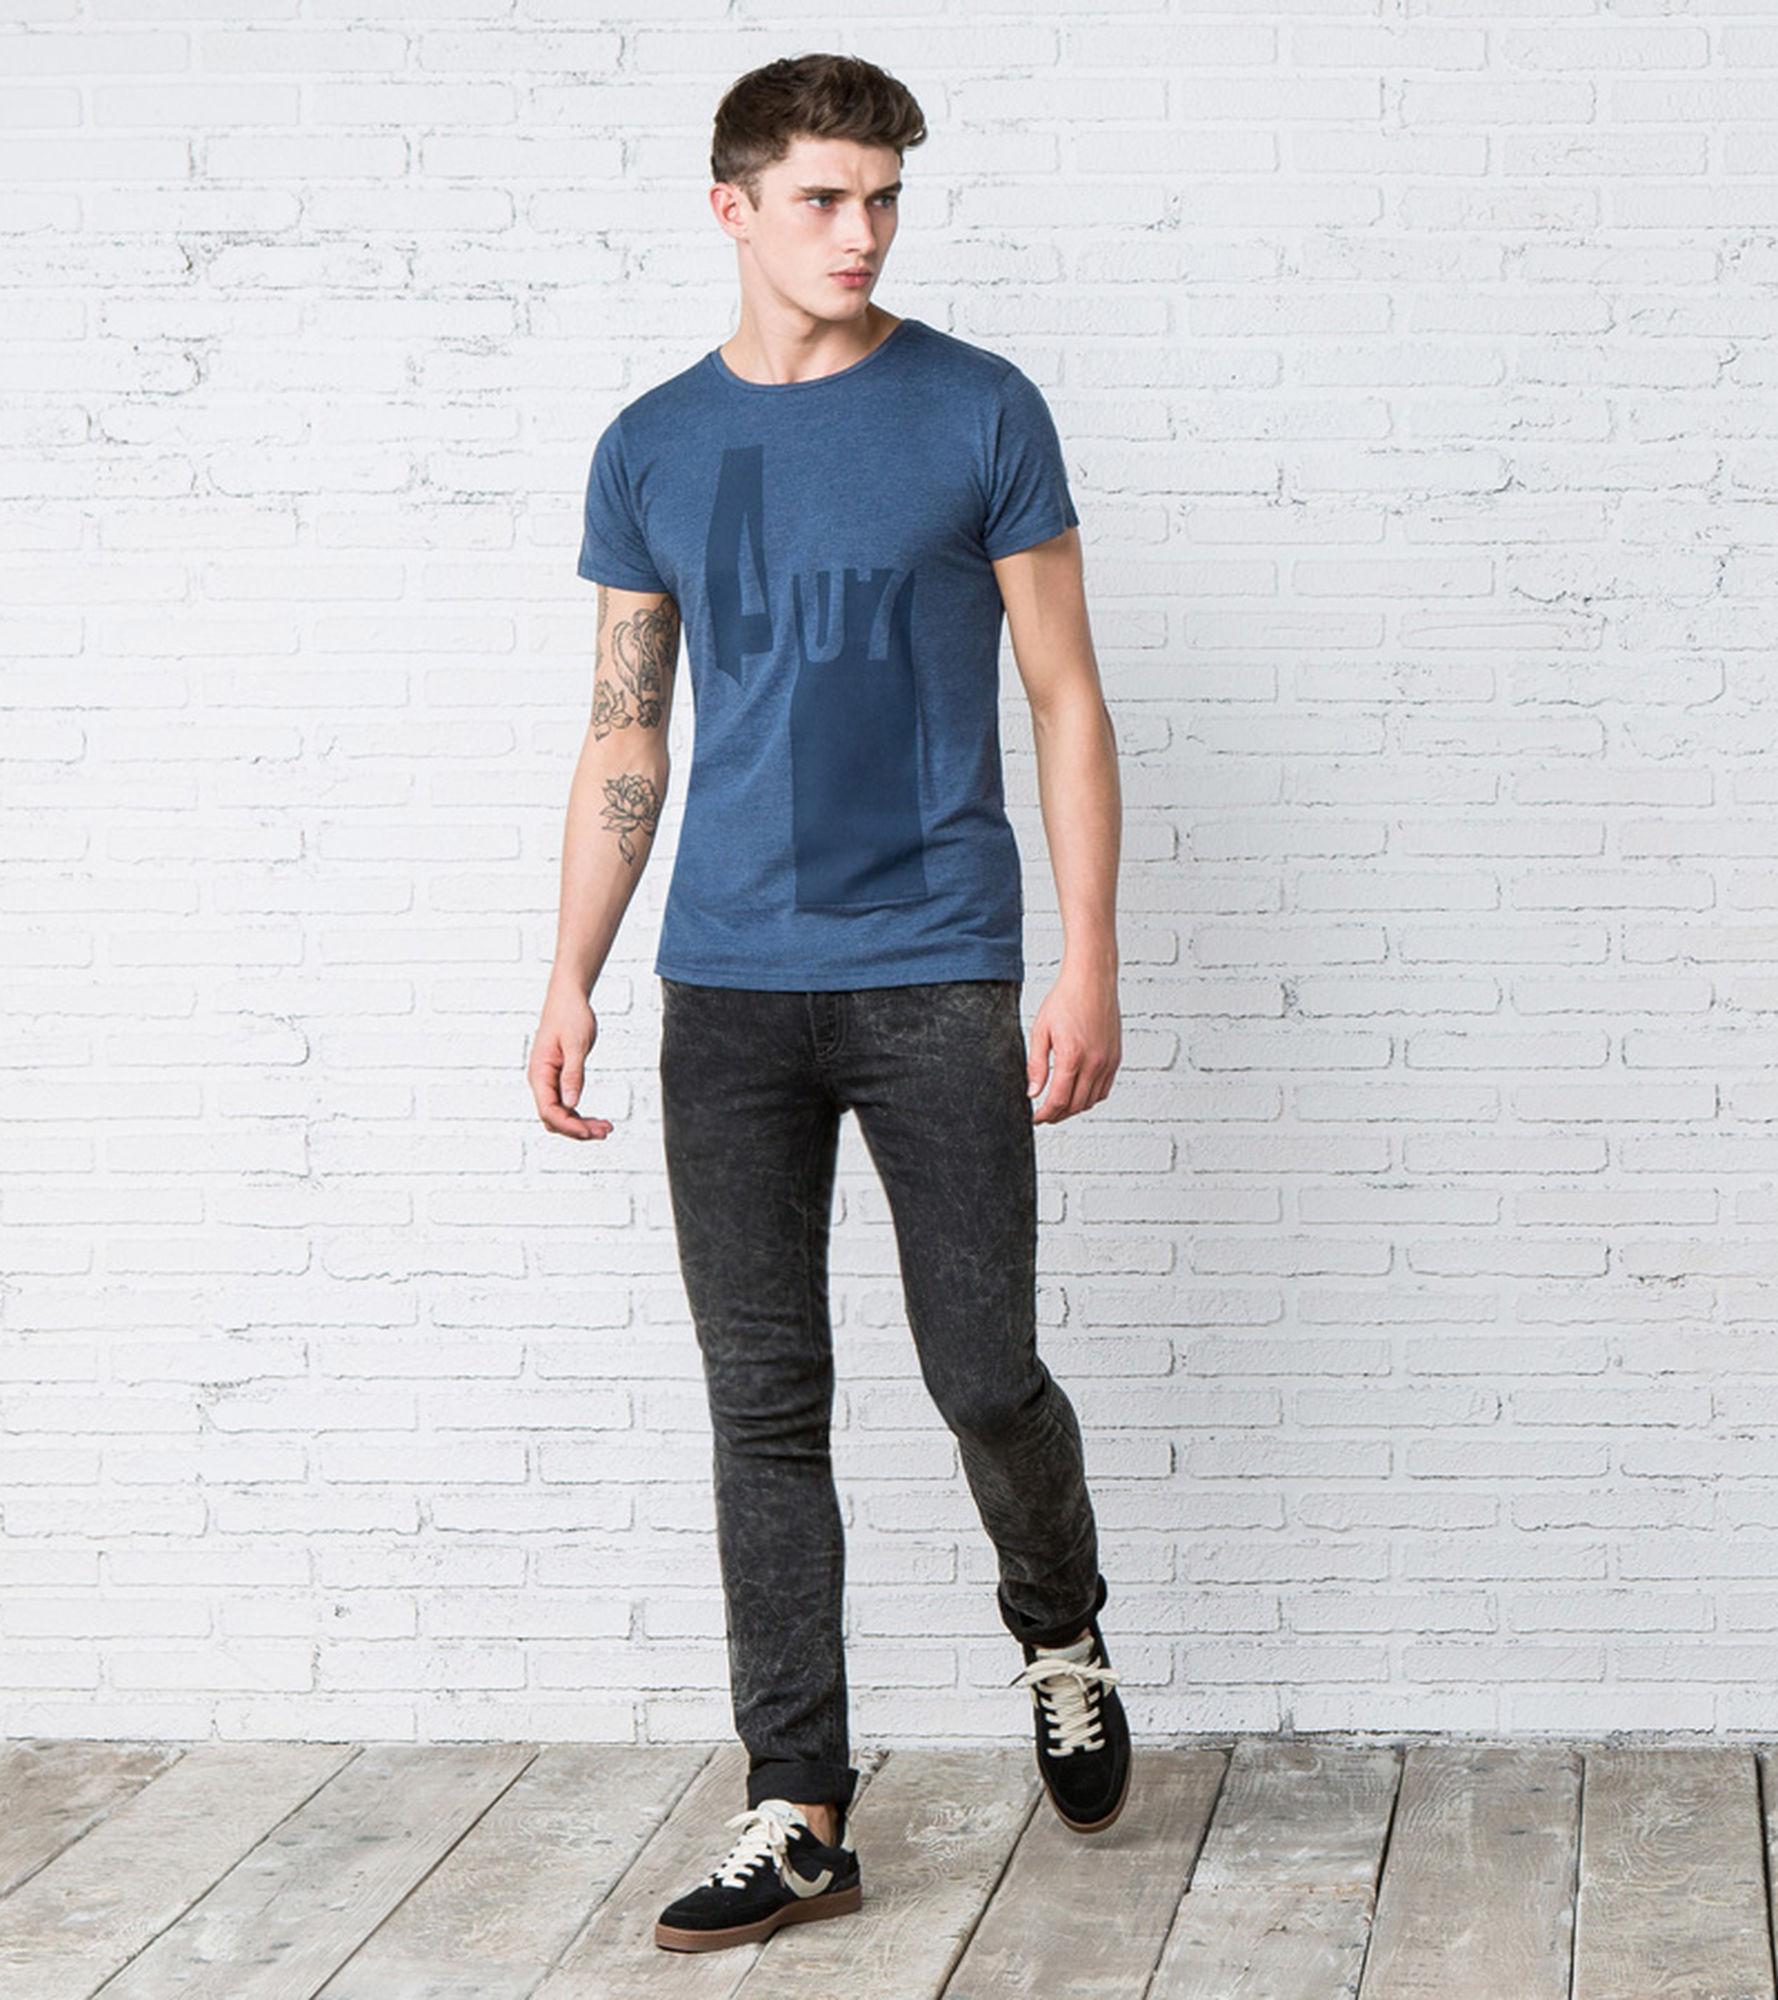 Sélection de t-shirts en promotion - Ex : T-shirt imprimé bleu